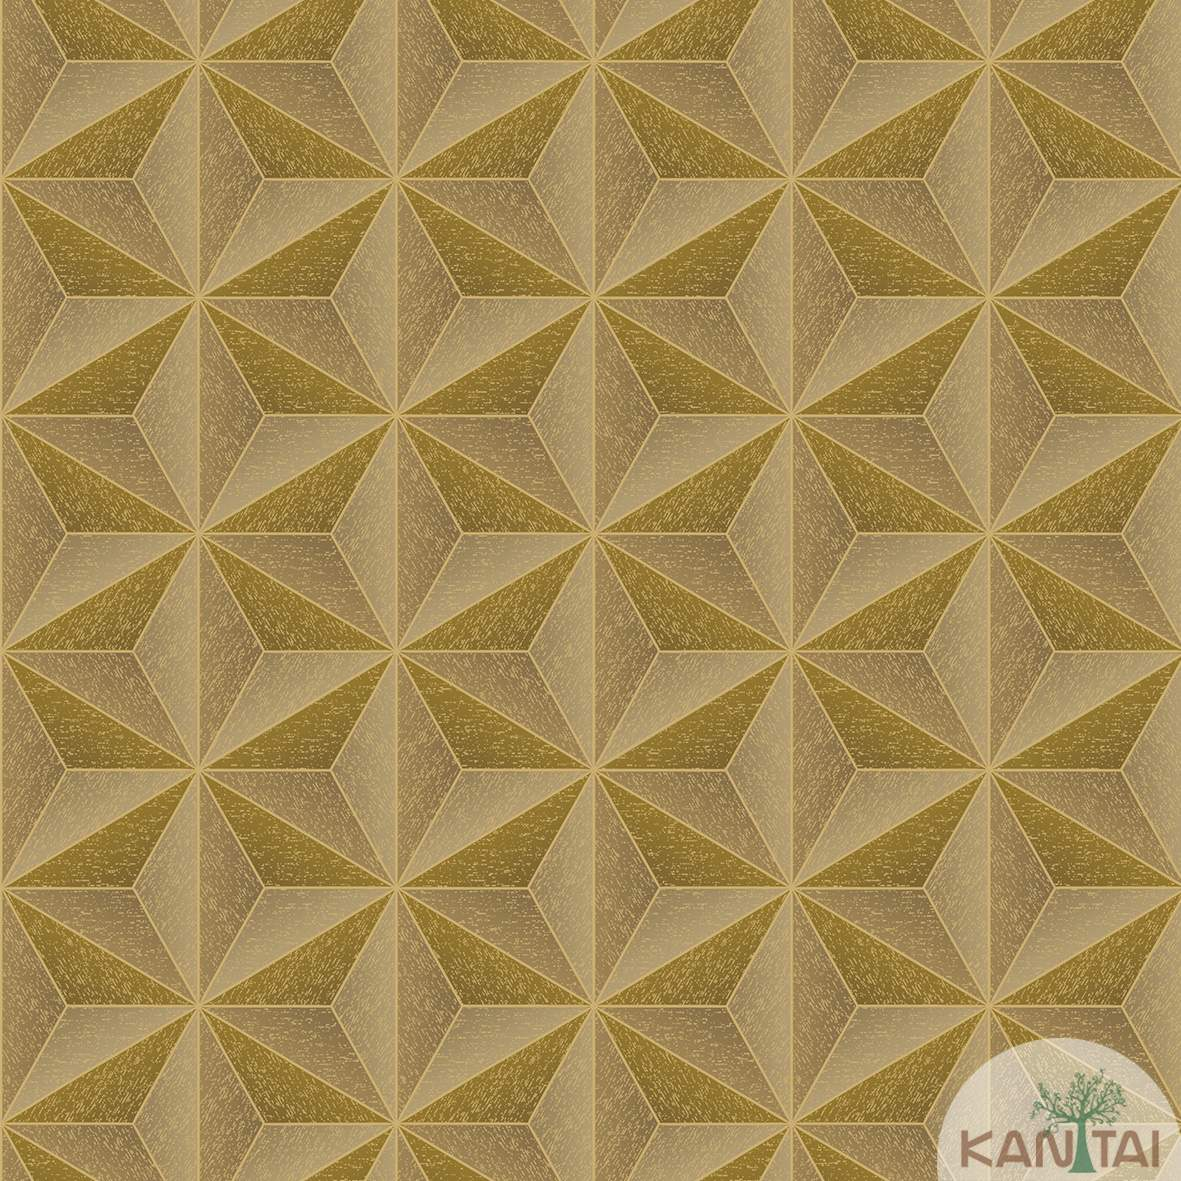 Papel de Parede  Kan Tai Vinilico  Coleção Neonature III 3D Geométrico Dourado